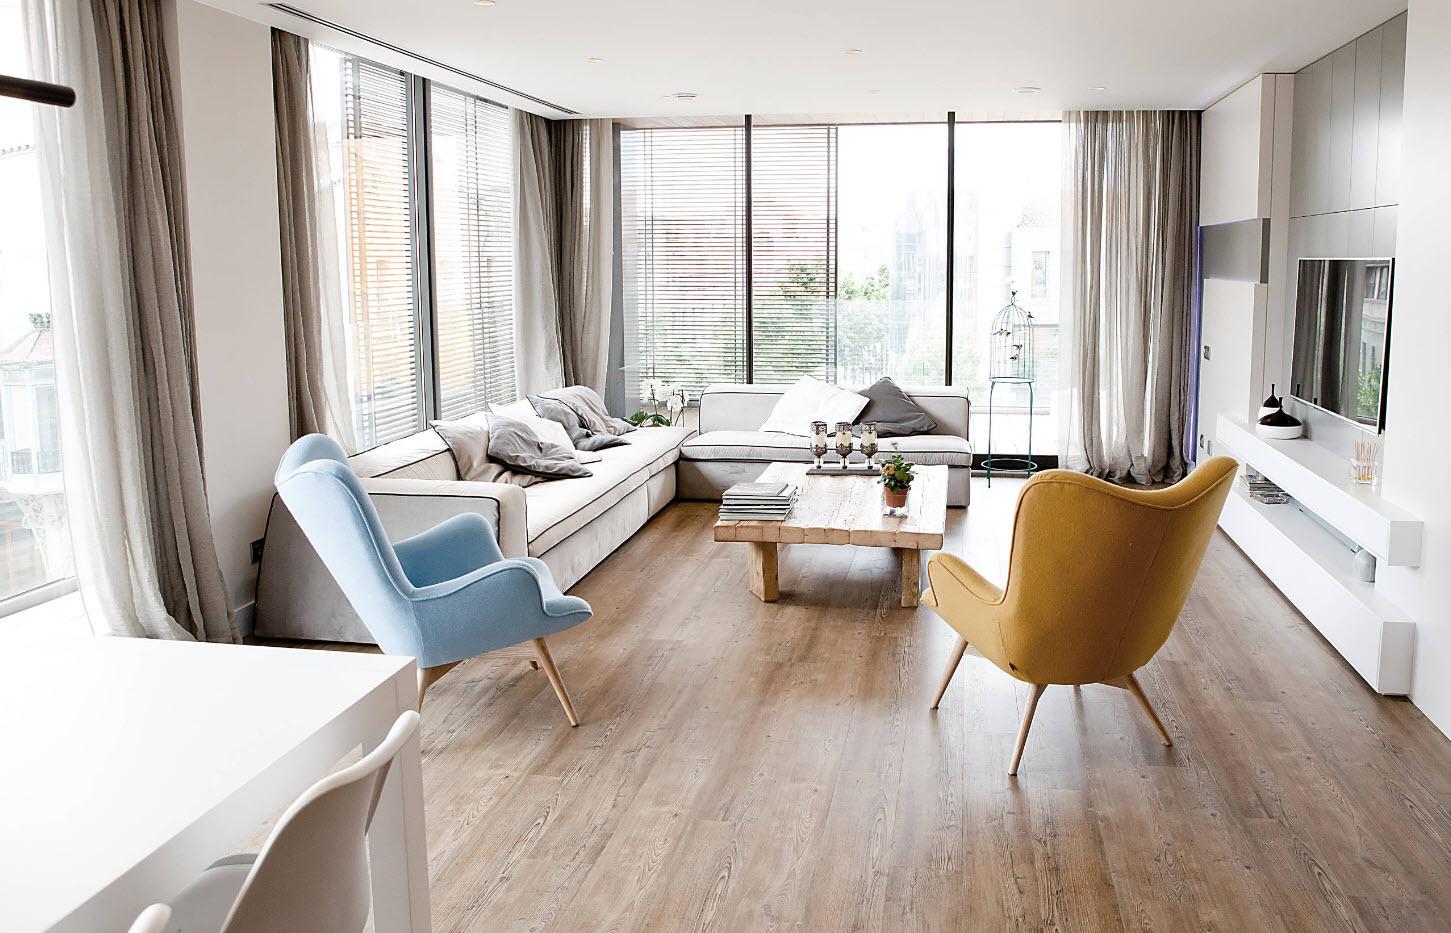 Кресла как элемент зонирования